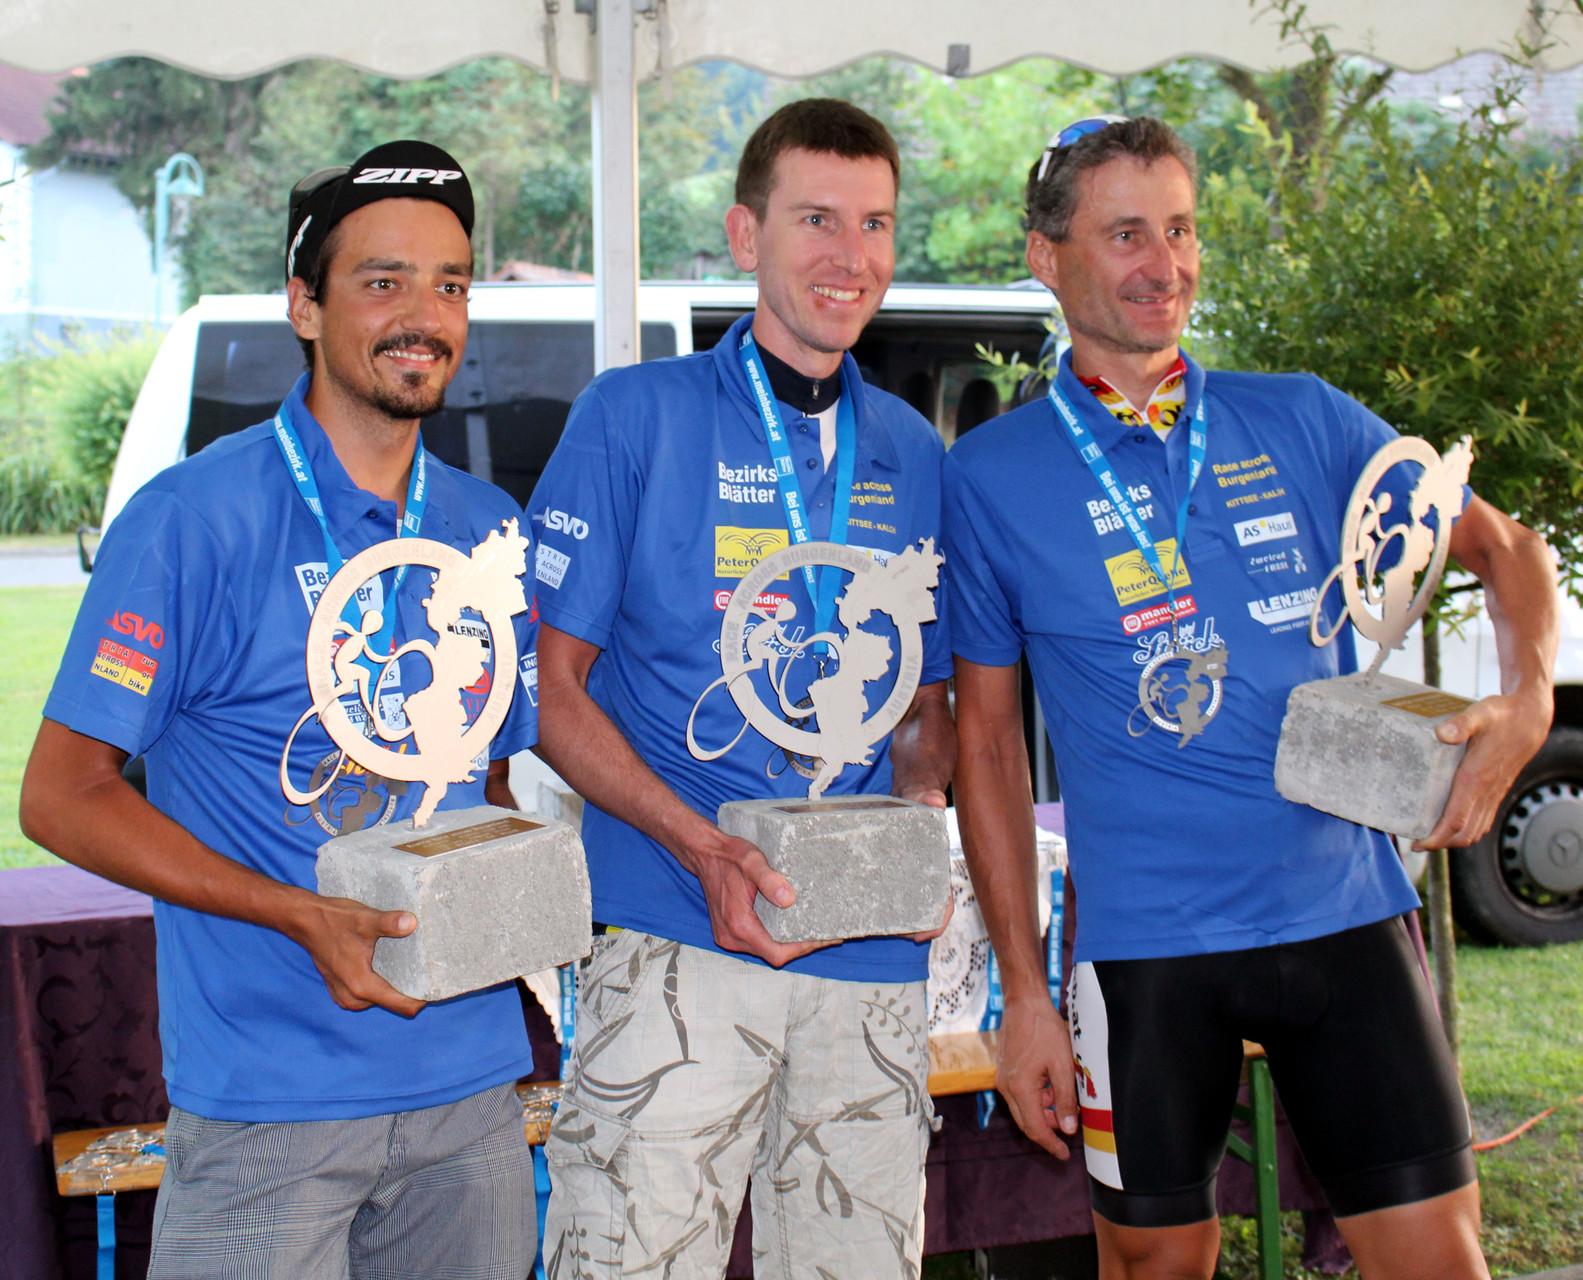 Der Sieger Dr. Krisztian Molnar (Mitte)